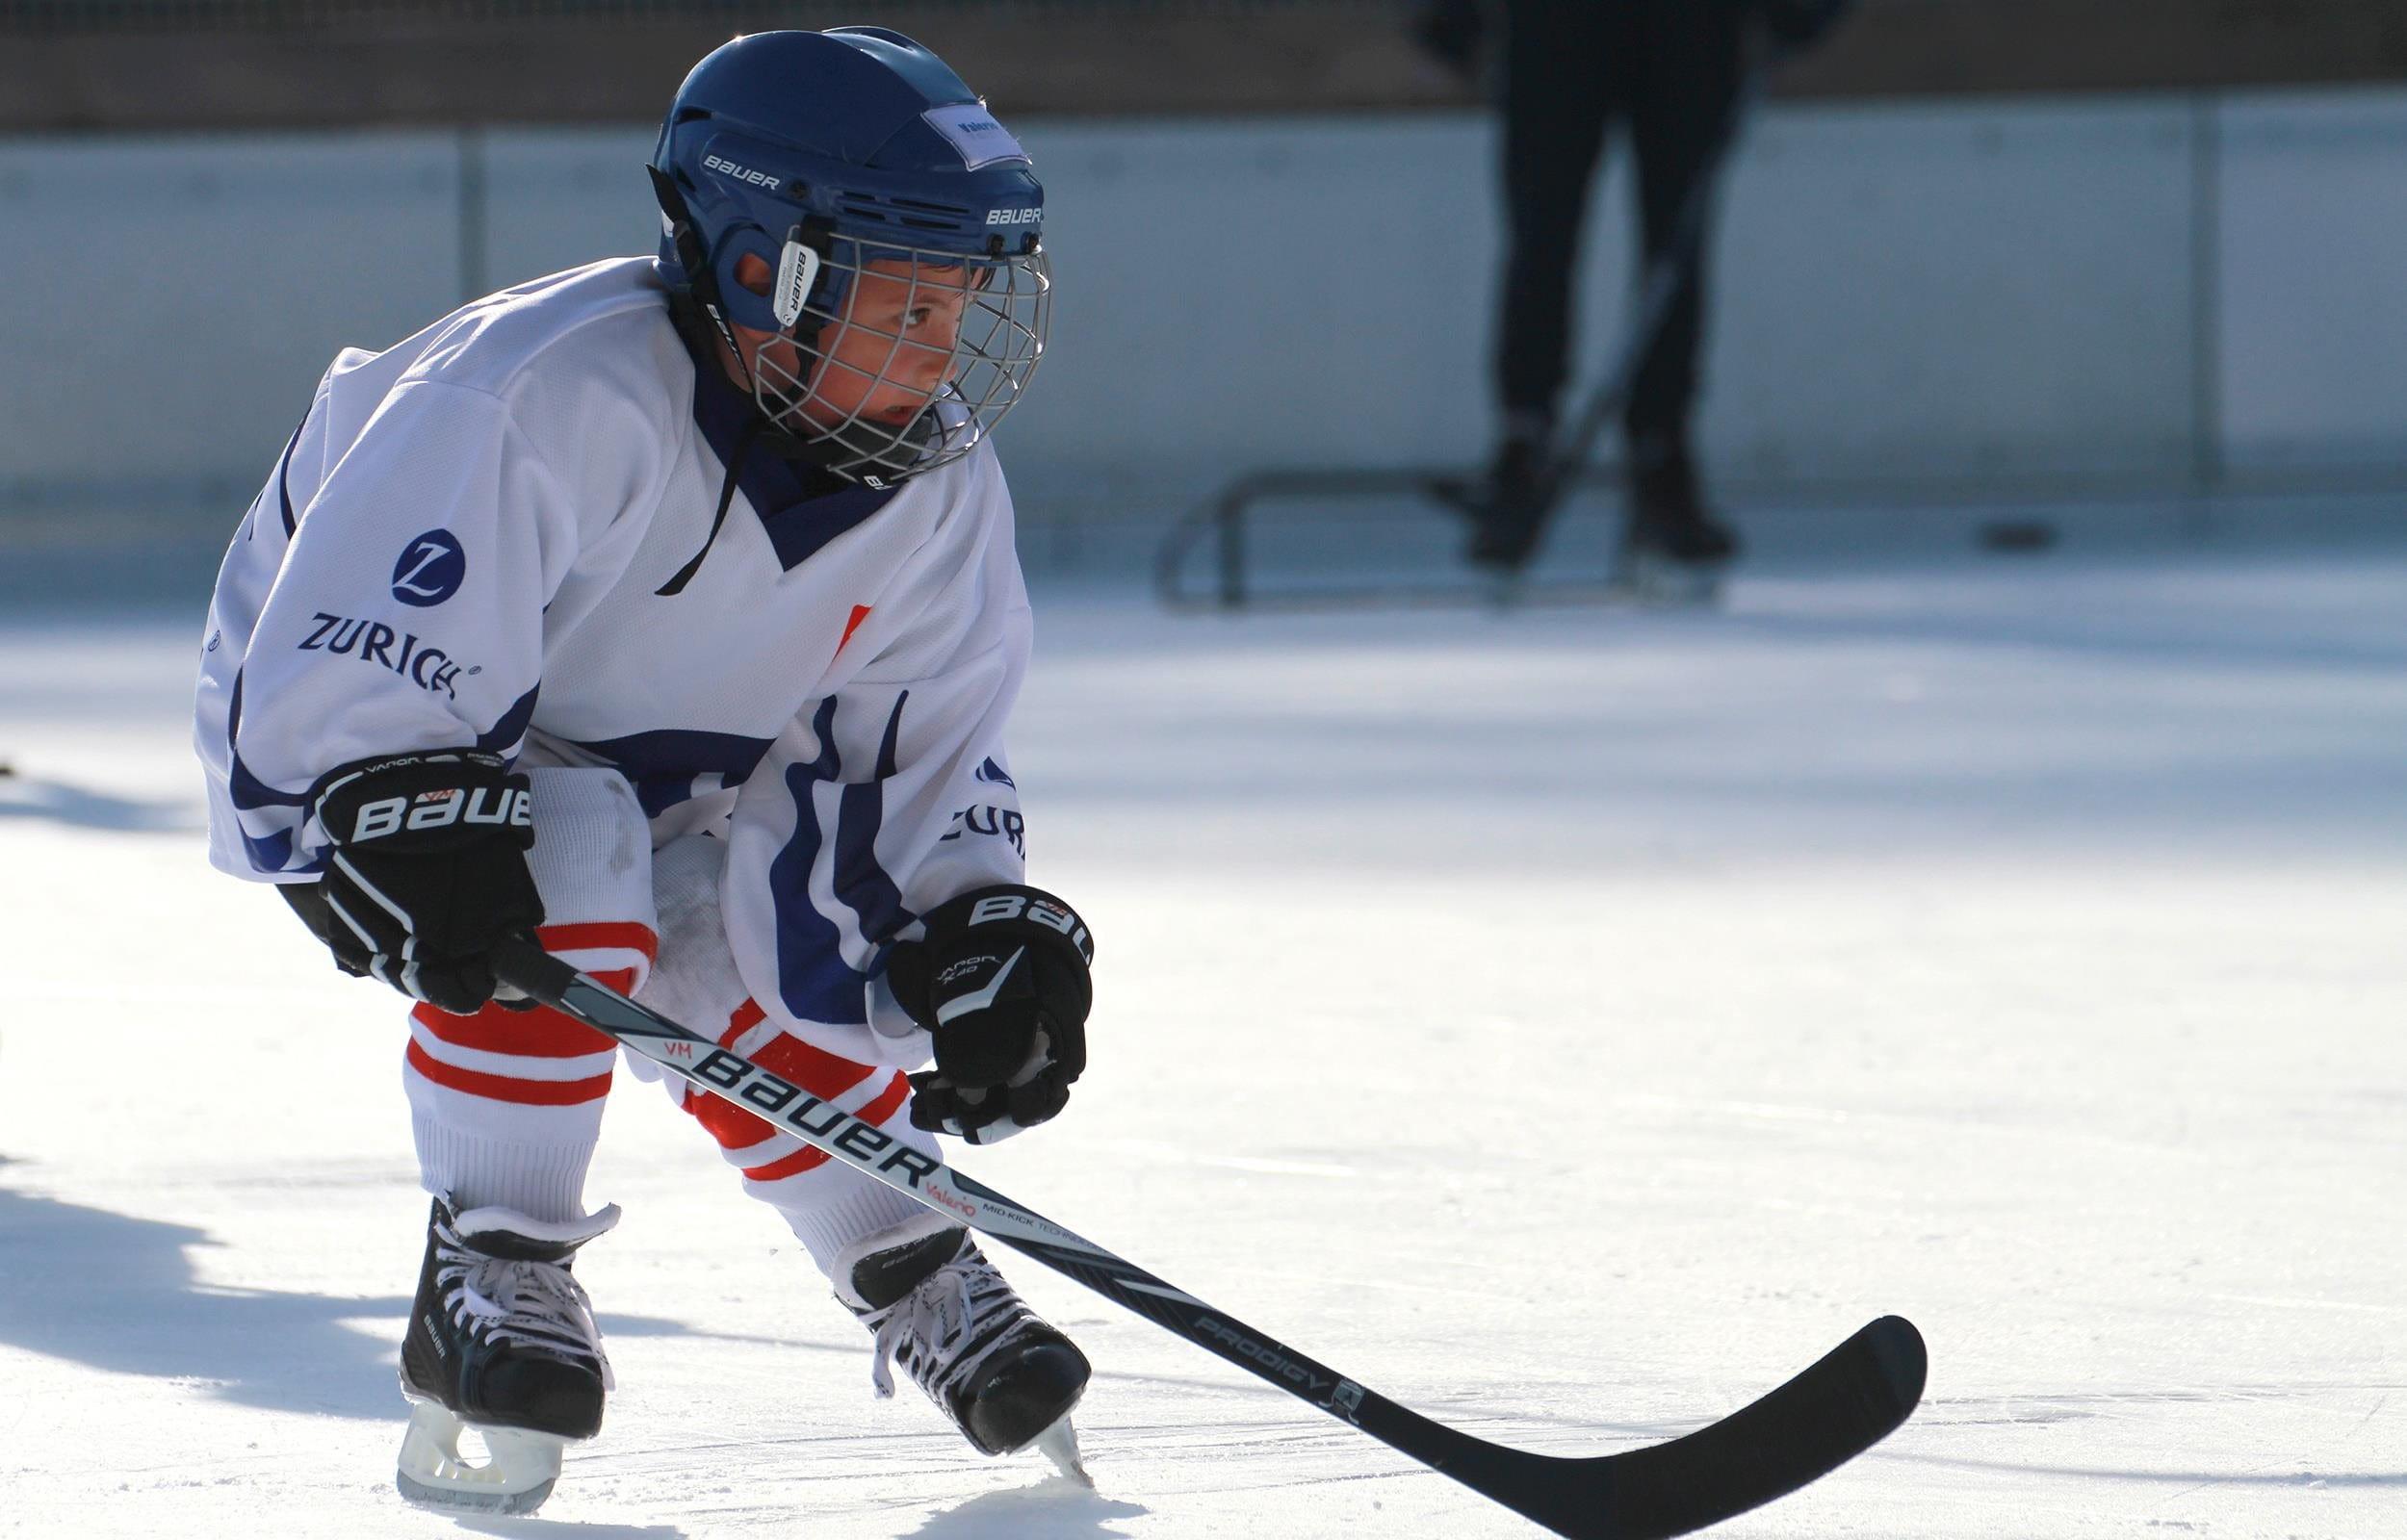 Bambino hockey su ghiaccio attacco Zurich